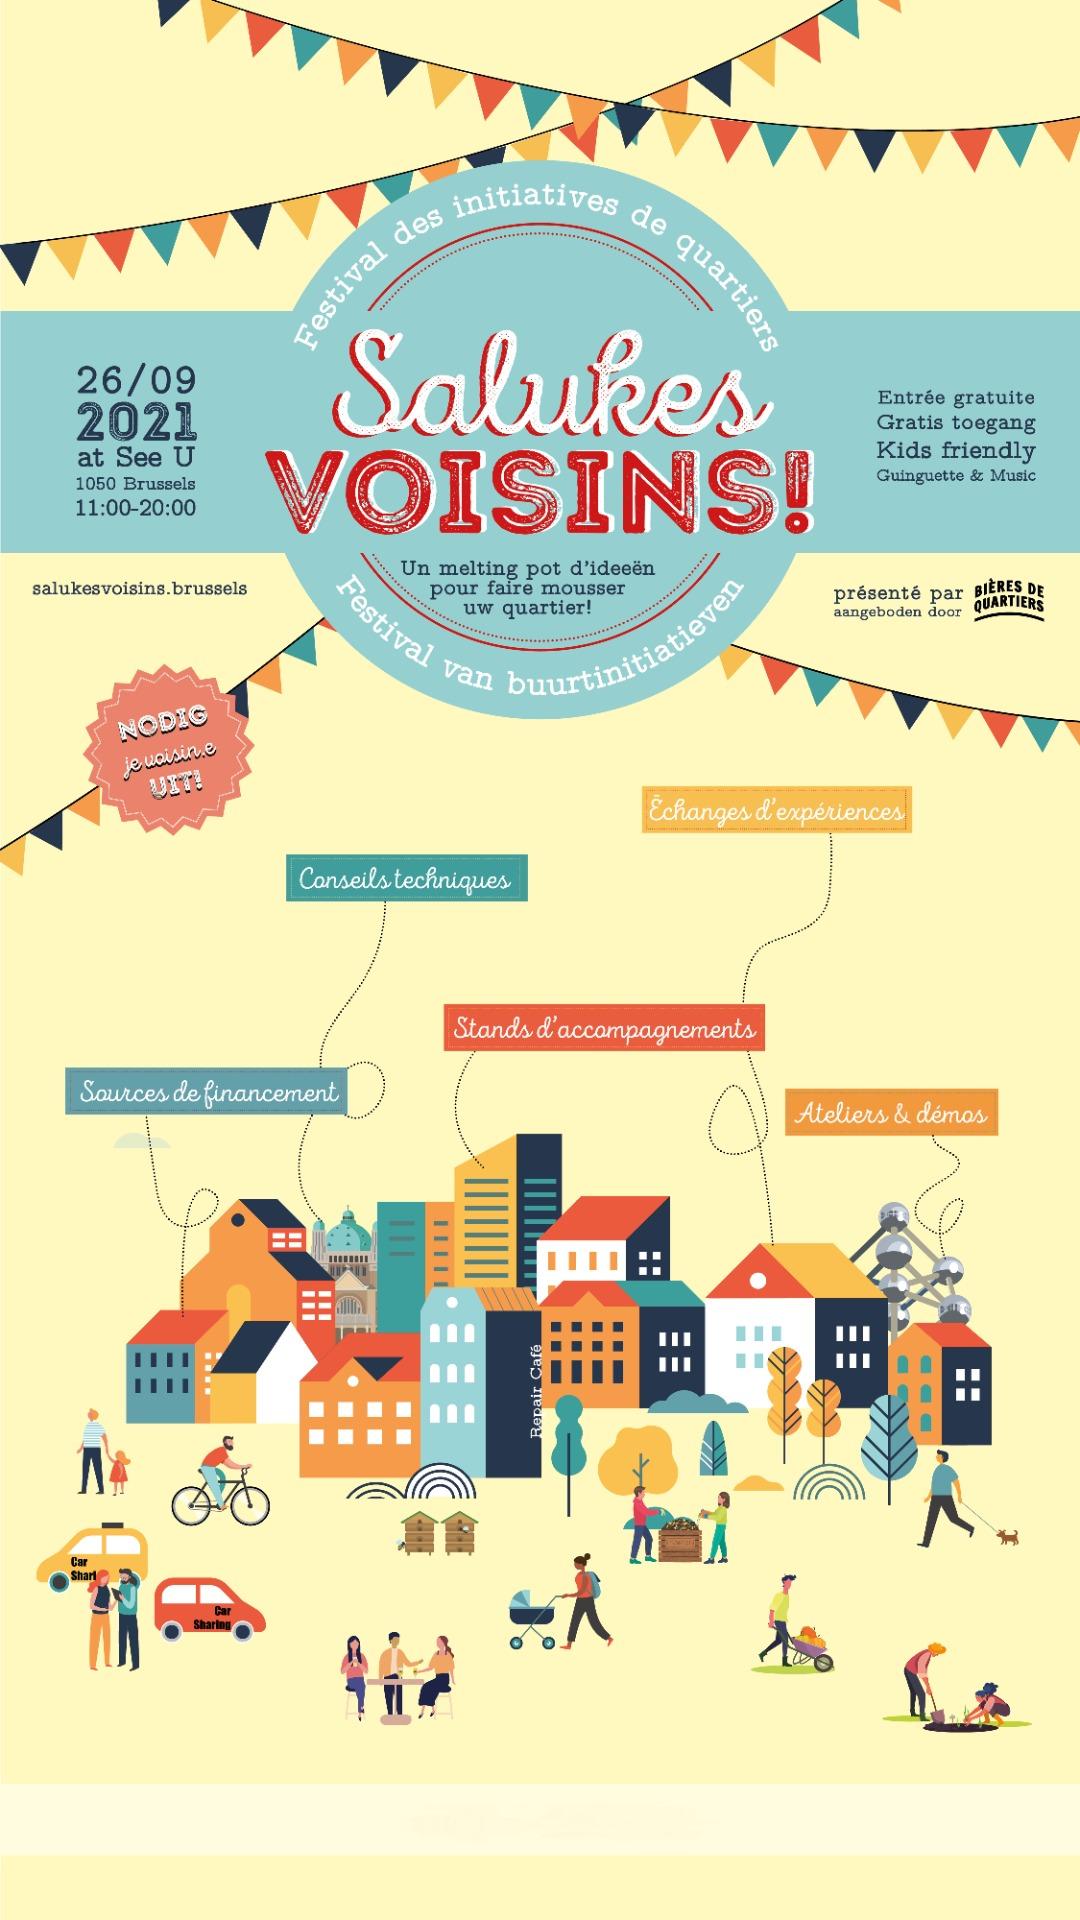 Festival Salukes Voisins!